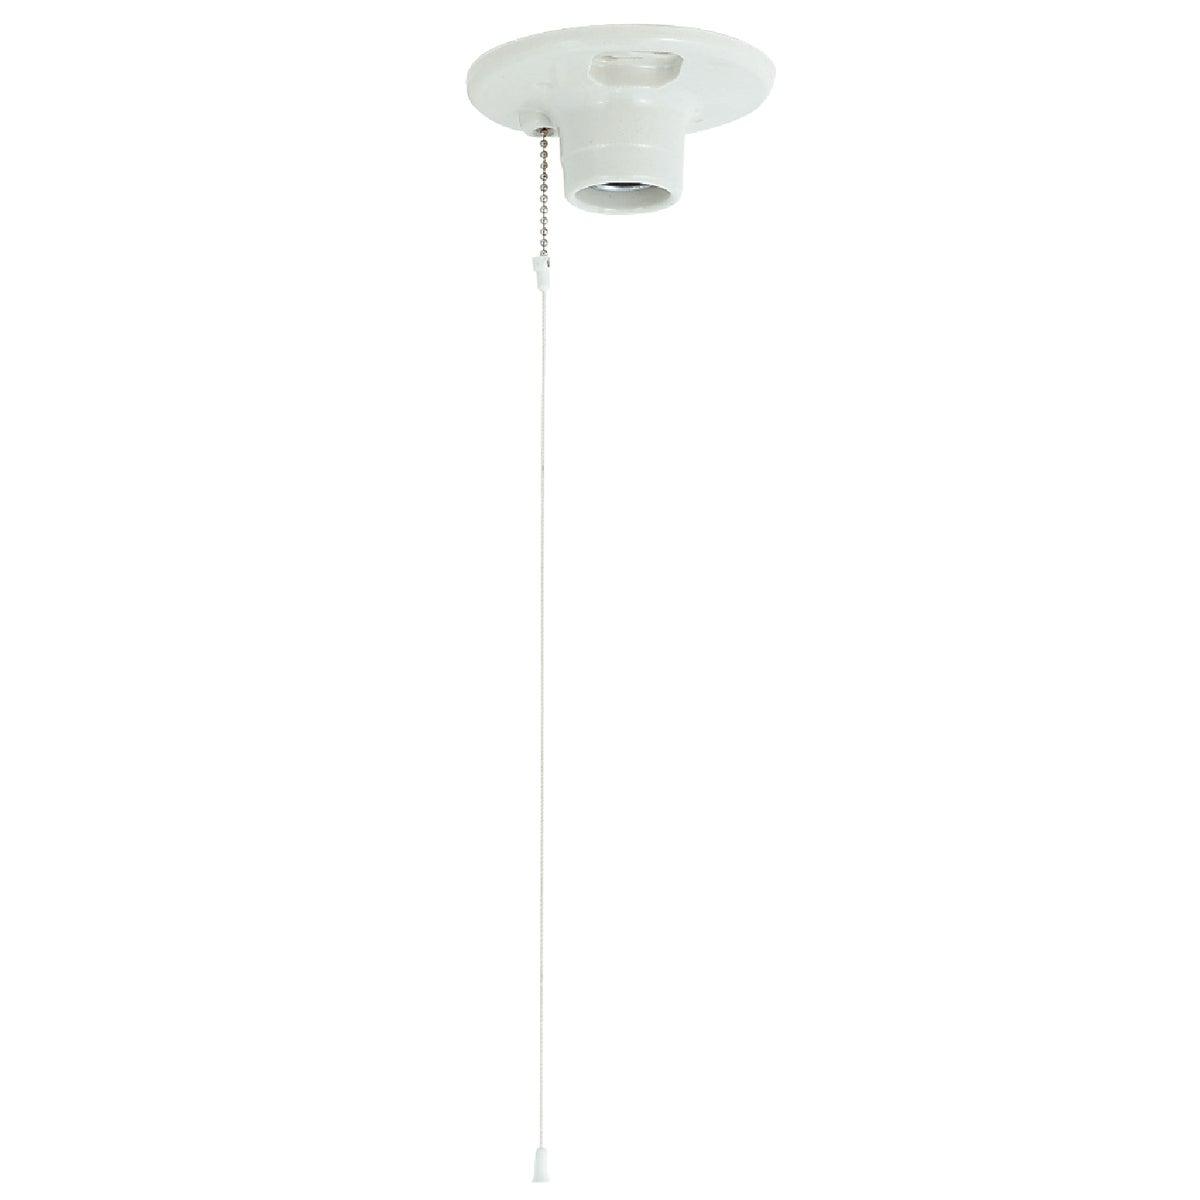 PORCELAIN LAMPHOLDER